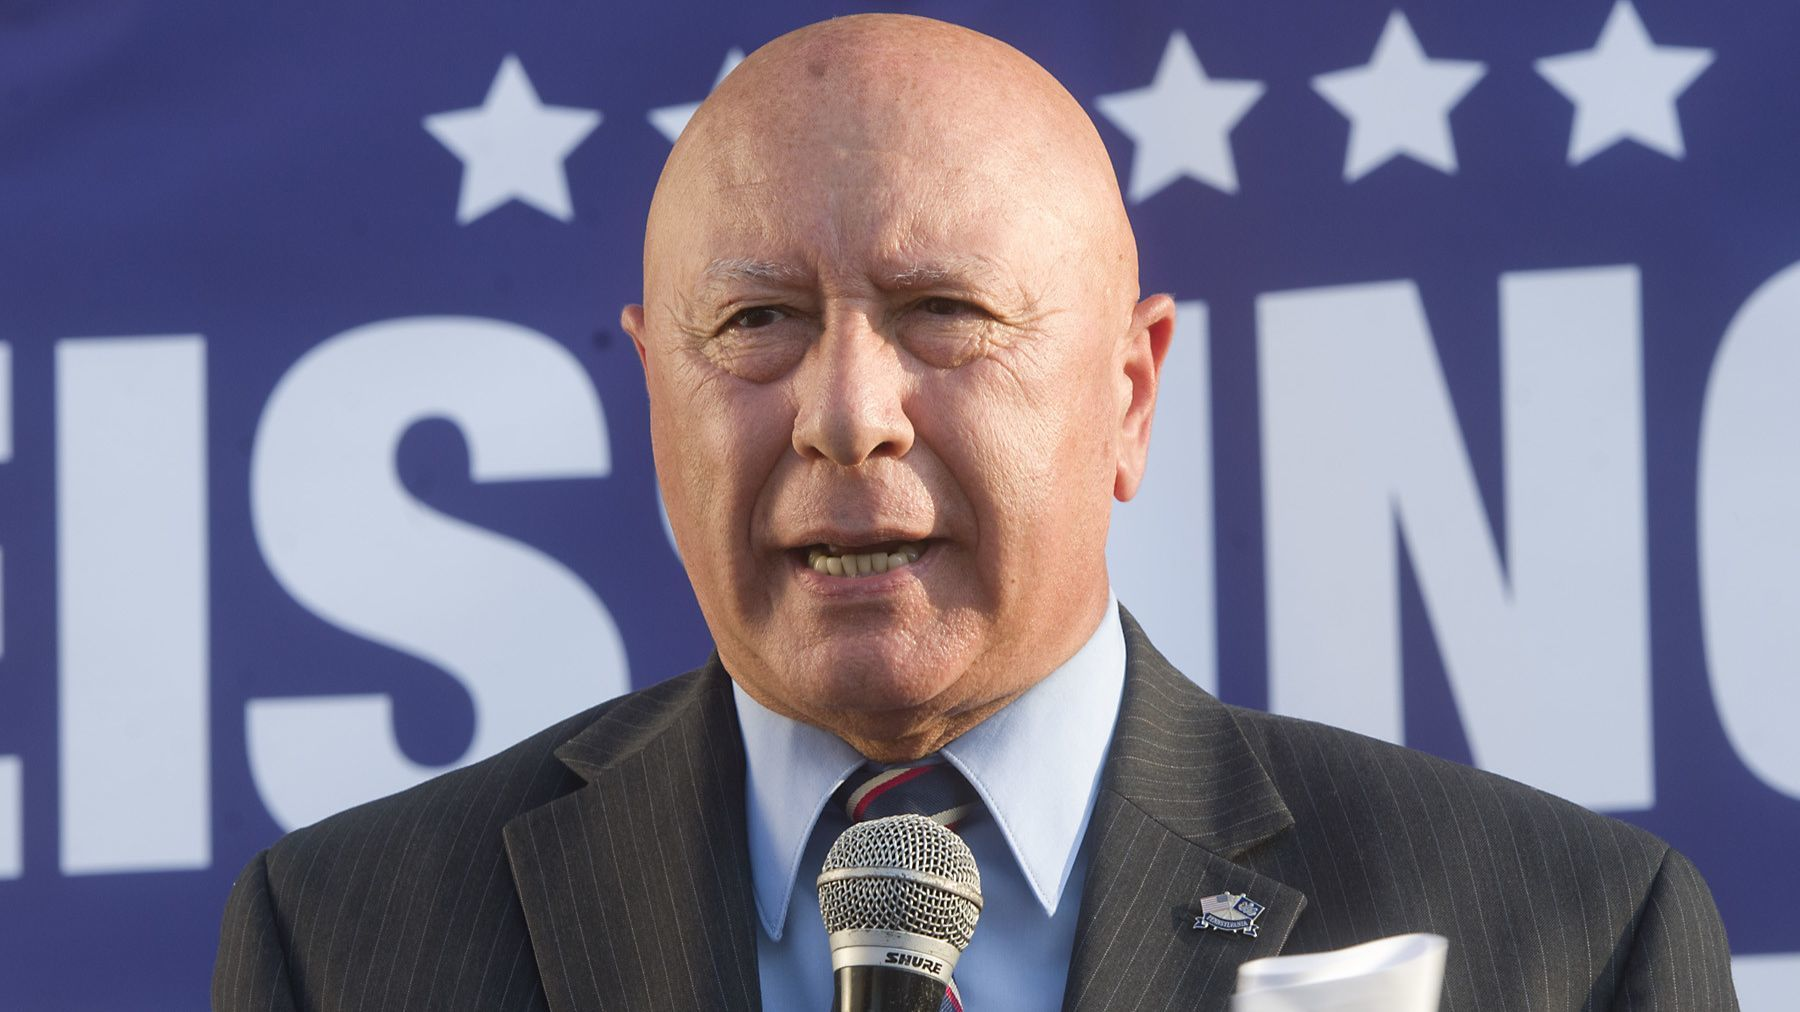 Mario Scavello